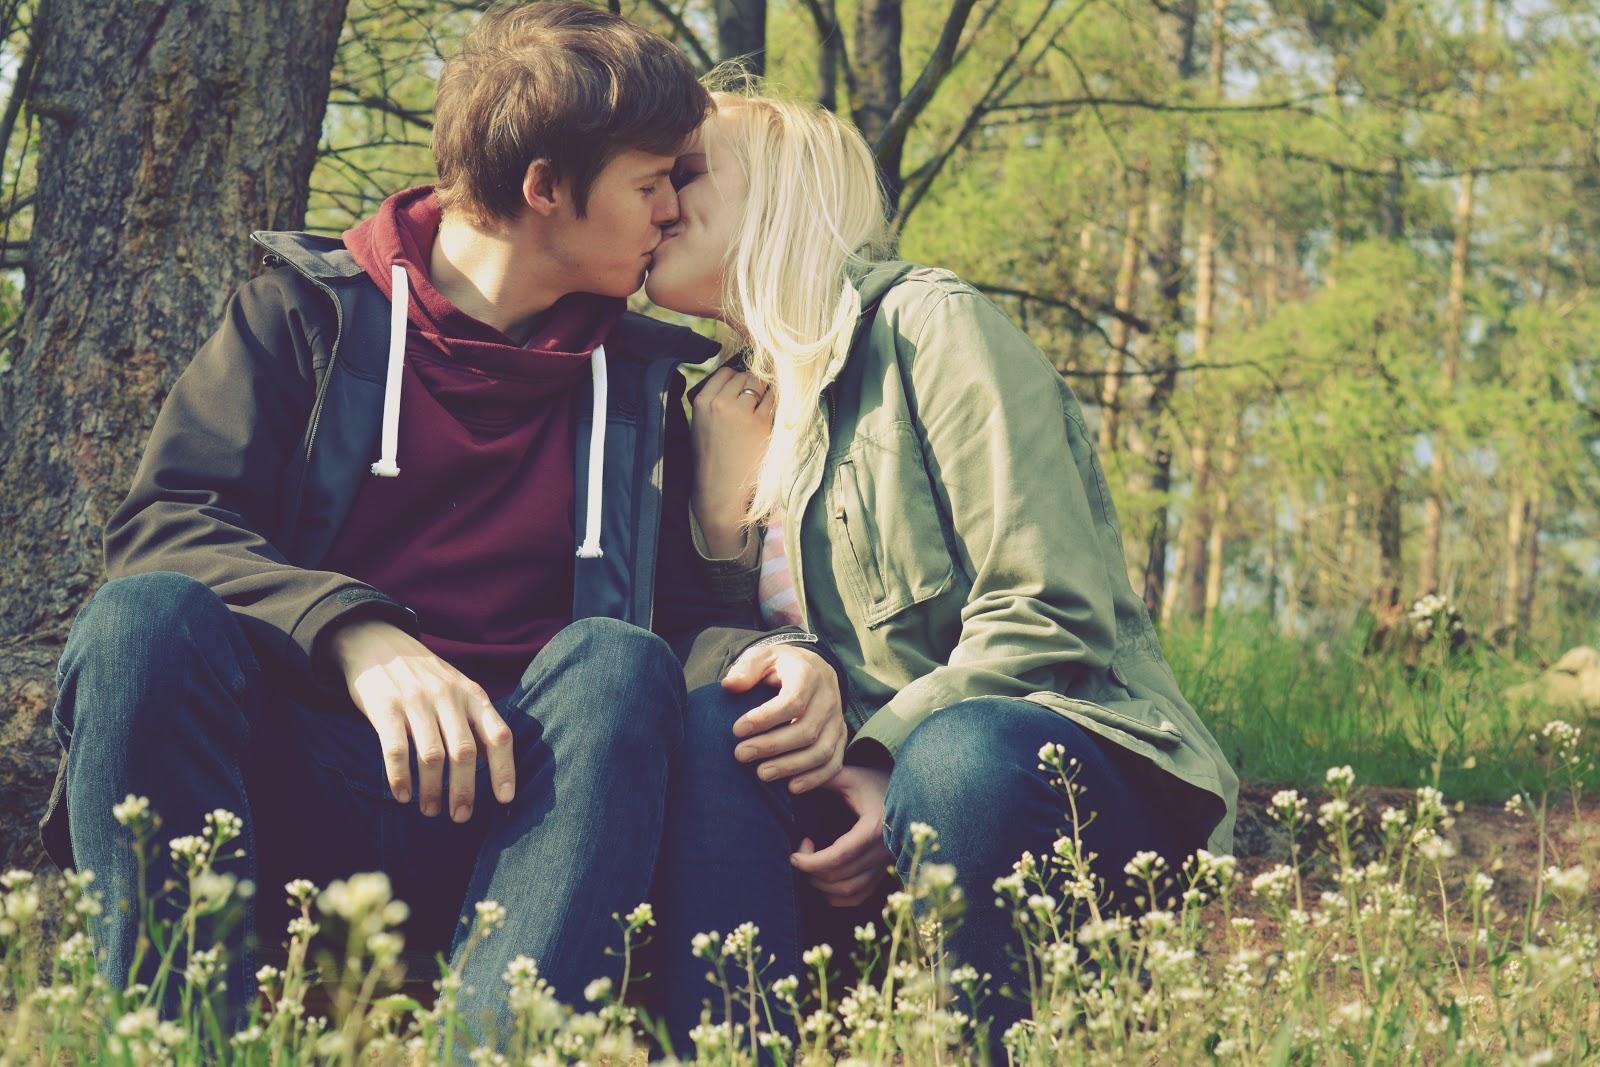 Zaručená úspěšnost ve vztahu | 5 kroků